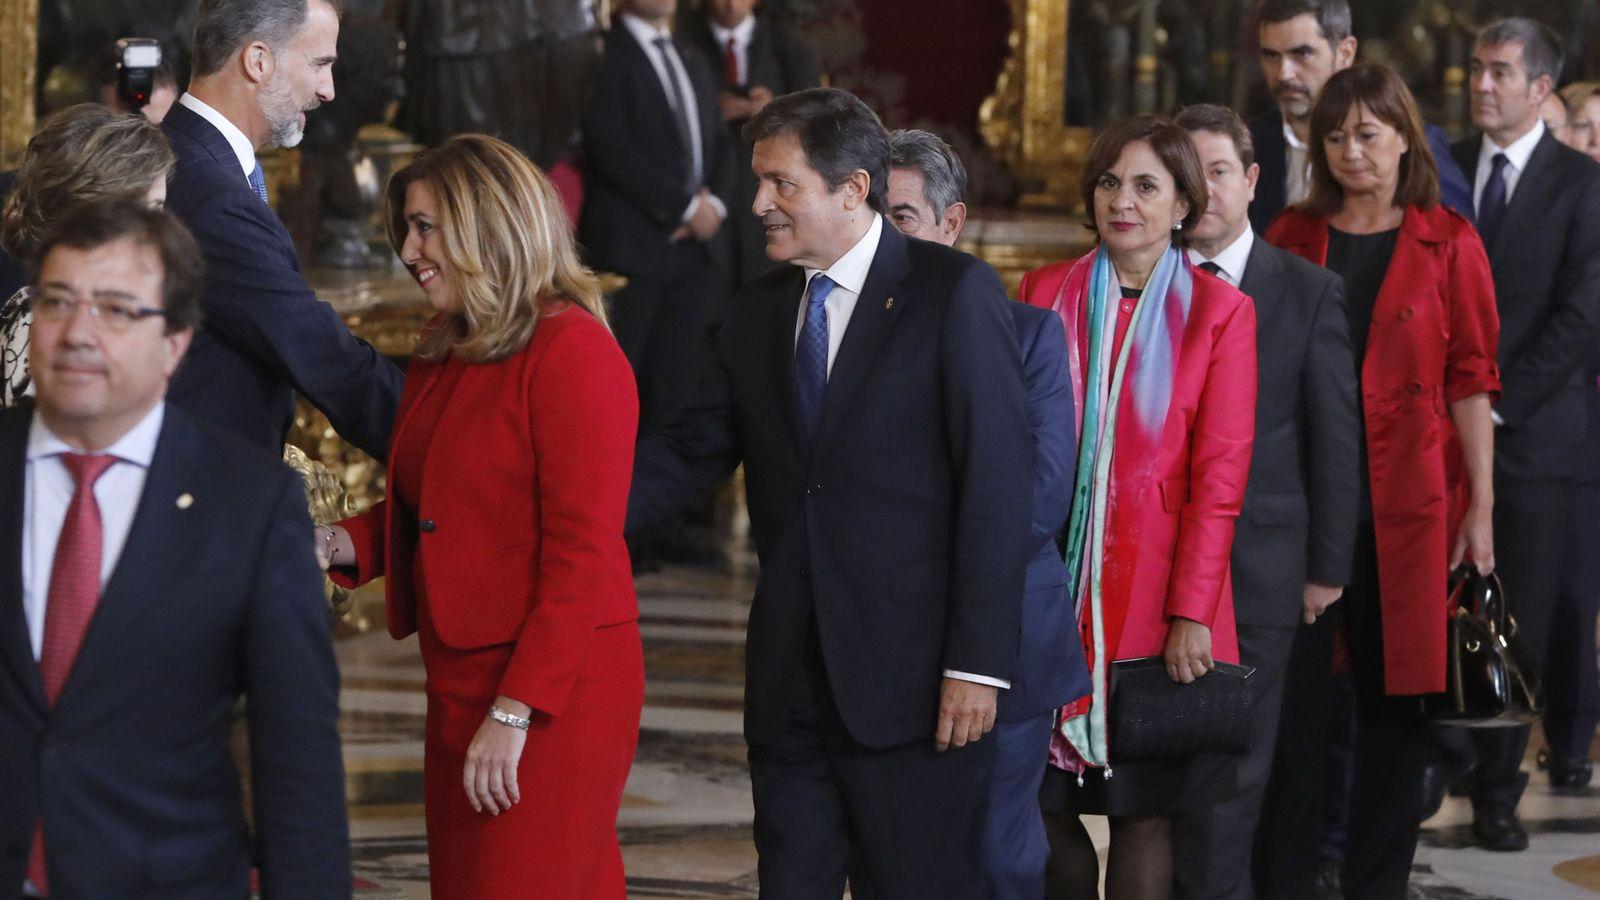 Foto: Los Reyes saludan a los presidentes autonómicos de Extremadura, Guillermo Fernández Vara; de Andalucía, Susana Díaz, y de Asturias, Javier Fernández. (EFE)